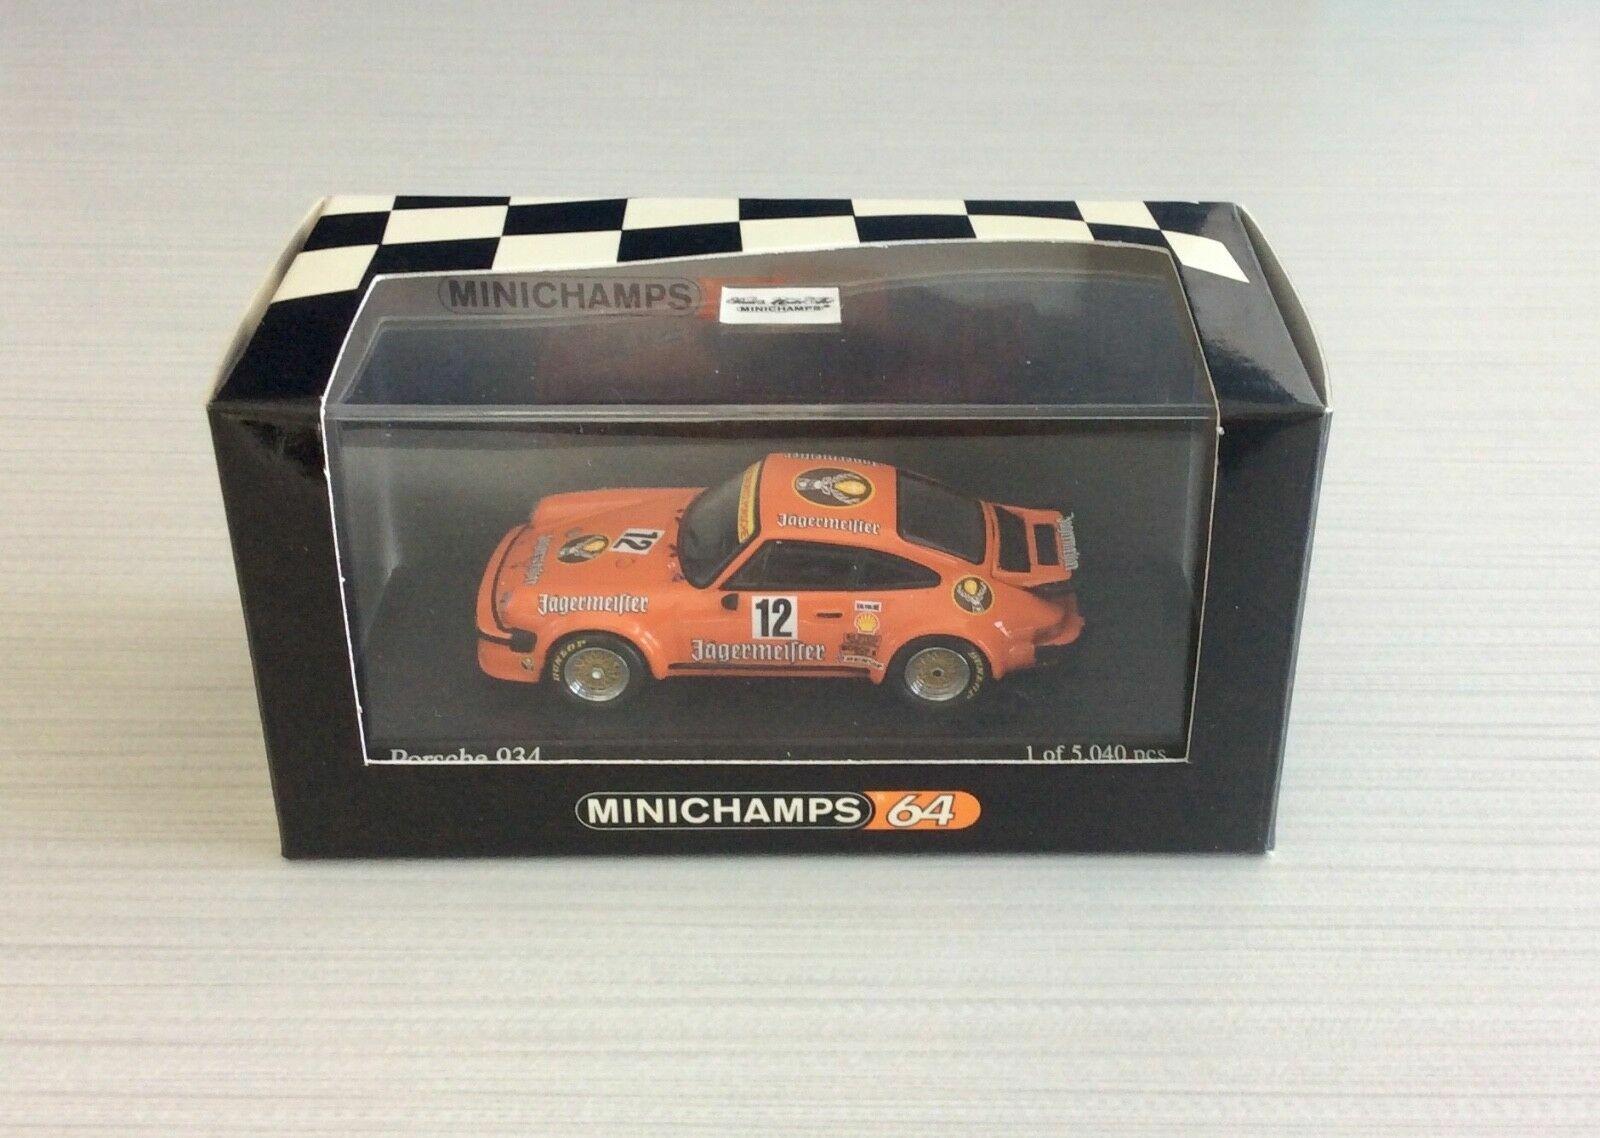 Minichamps-64-Porsche-934-Jagermeister-Helmut-Kellener DRM 1976 1 64 1 of 5040